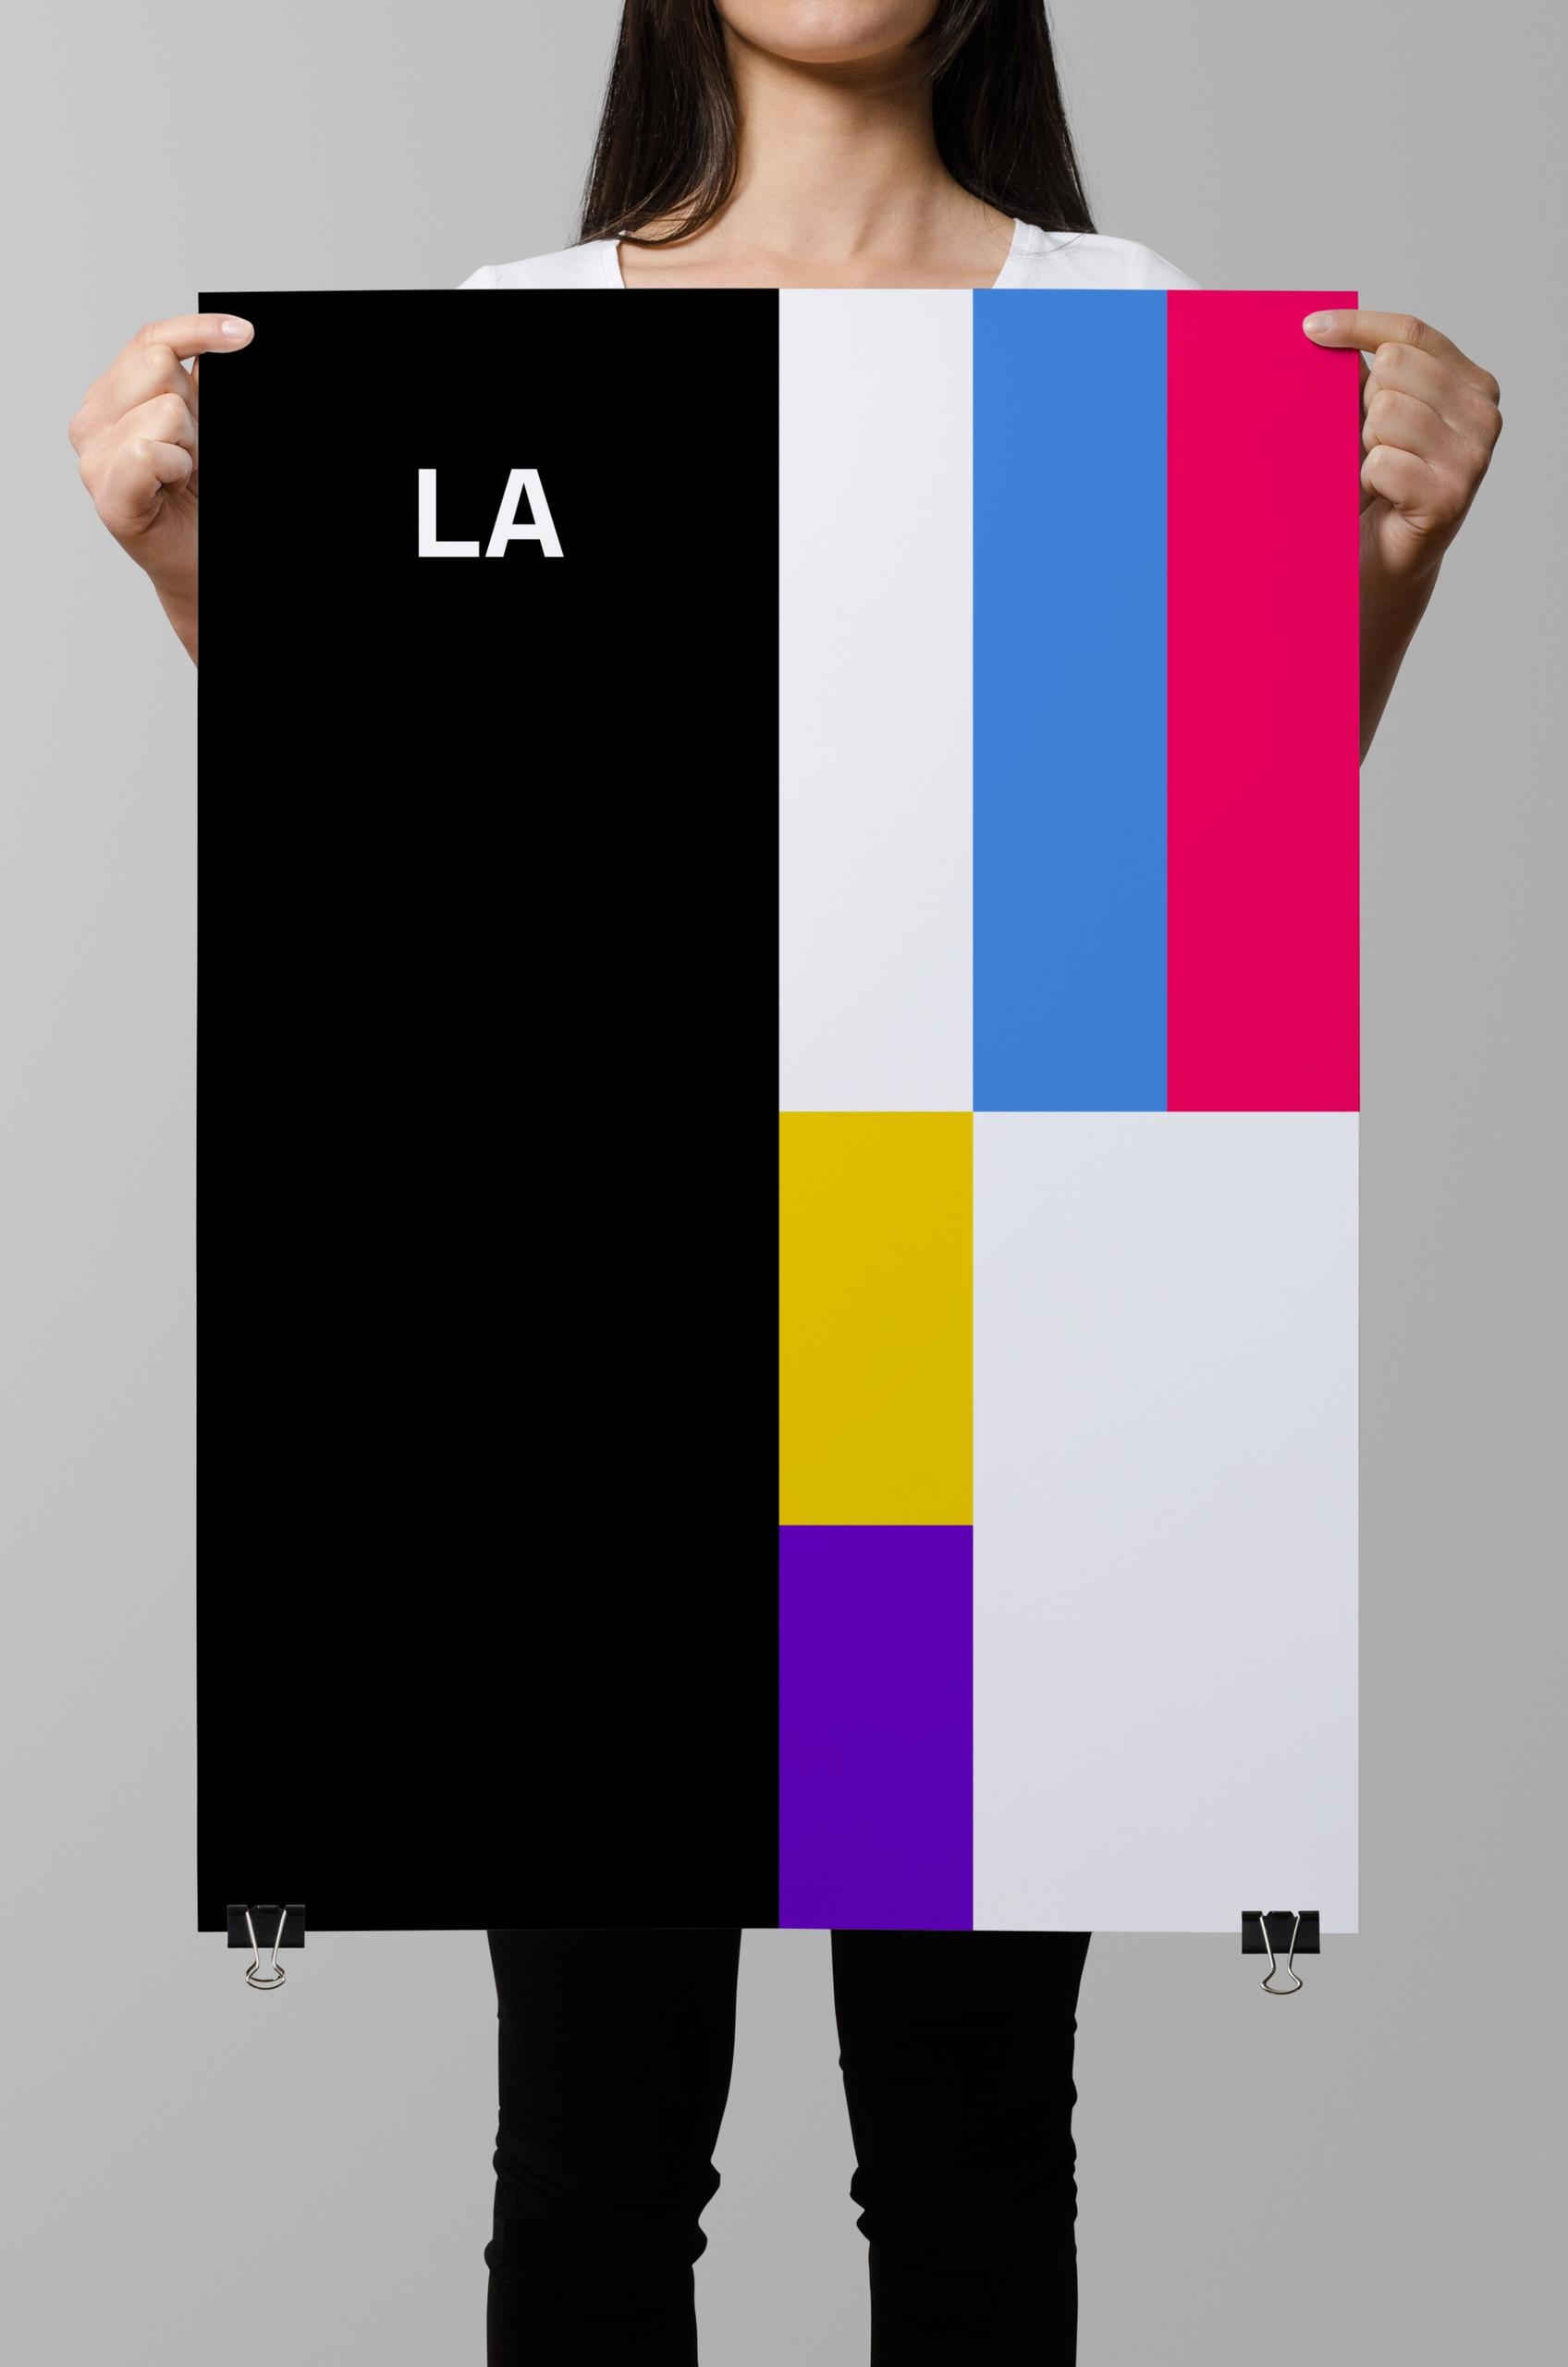 LA - bentoutif | ello